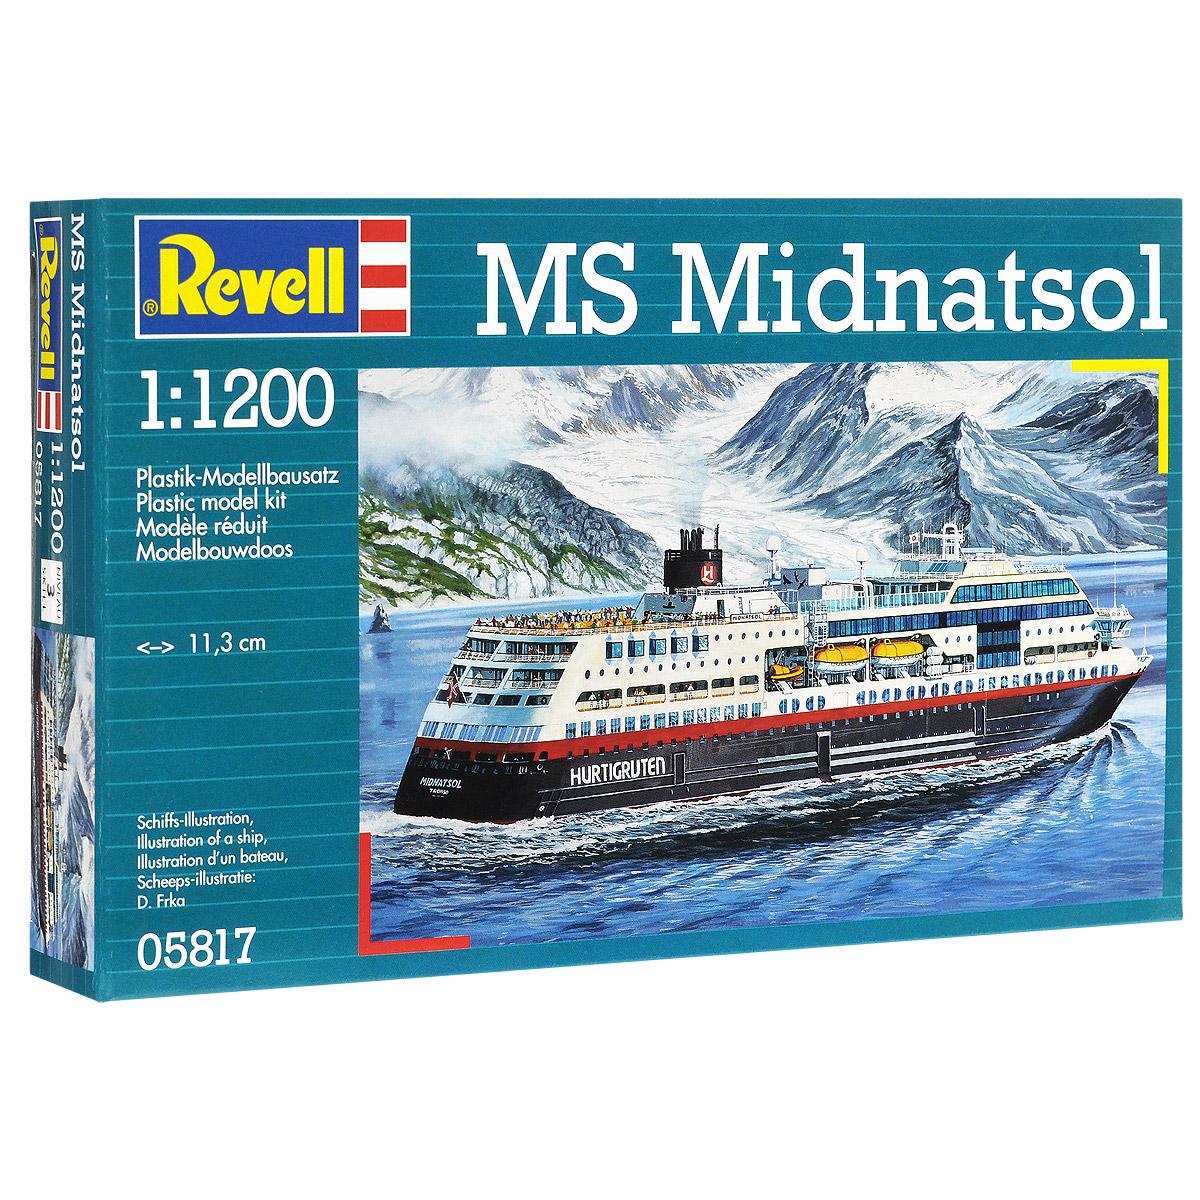 Сборная модель Revell Круизный лайнер MS Midnatsol05817Сборная модель Revell Круизный лайнер MS Midnatsol поможет вам и вашему ребенку придумать увлекательное занятие на долгое время. Набор включает в себя 42 пластиковых элемента, из которых можно собрать достоверную уменьшенную копию одноименного корабля. Корабль, плавающий под норвежским флагом, курсирует между городами Берген и Киркенес. Палубы лайнера способны вместить до 1000 пассажиров и 50 автомобилей. В любой момент судно может быть переделано в плавучий госпиталь, рассчитанный на 200 пациентов. Также в наборе схематичная инструкция по сборке. Процесс сборки развивает интеллектуальные и инструментальные способности, воображение и конструктивное мышление, а также прививает практические навыки работы со схемами и чертежами. Уровень сложности: 3. УВАЖАЕМЫЕ КЛИЕНТЫ! Обращаем ваше внимание на тот факт, что элементы для сборки не покрашены. Клей и краски в комплект не входят.